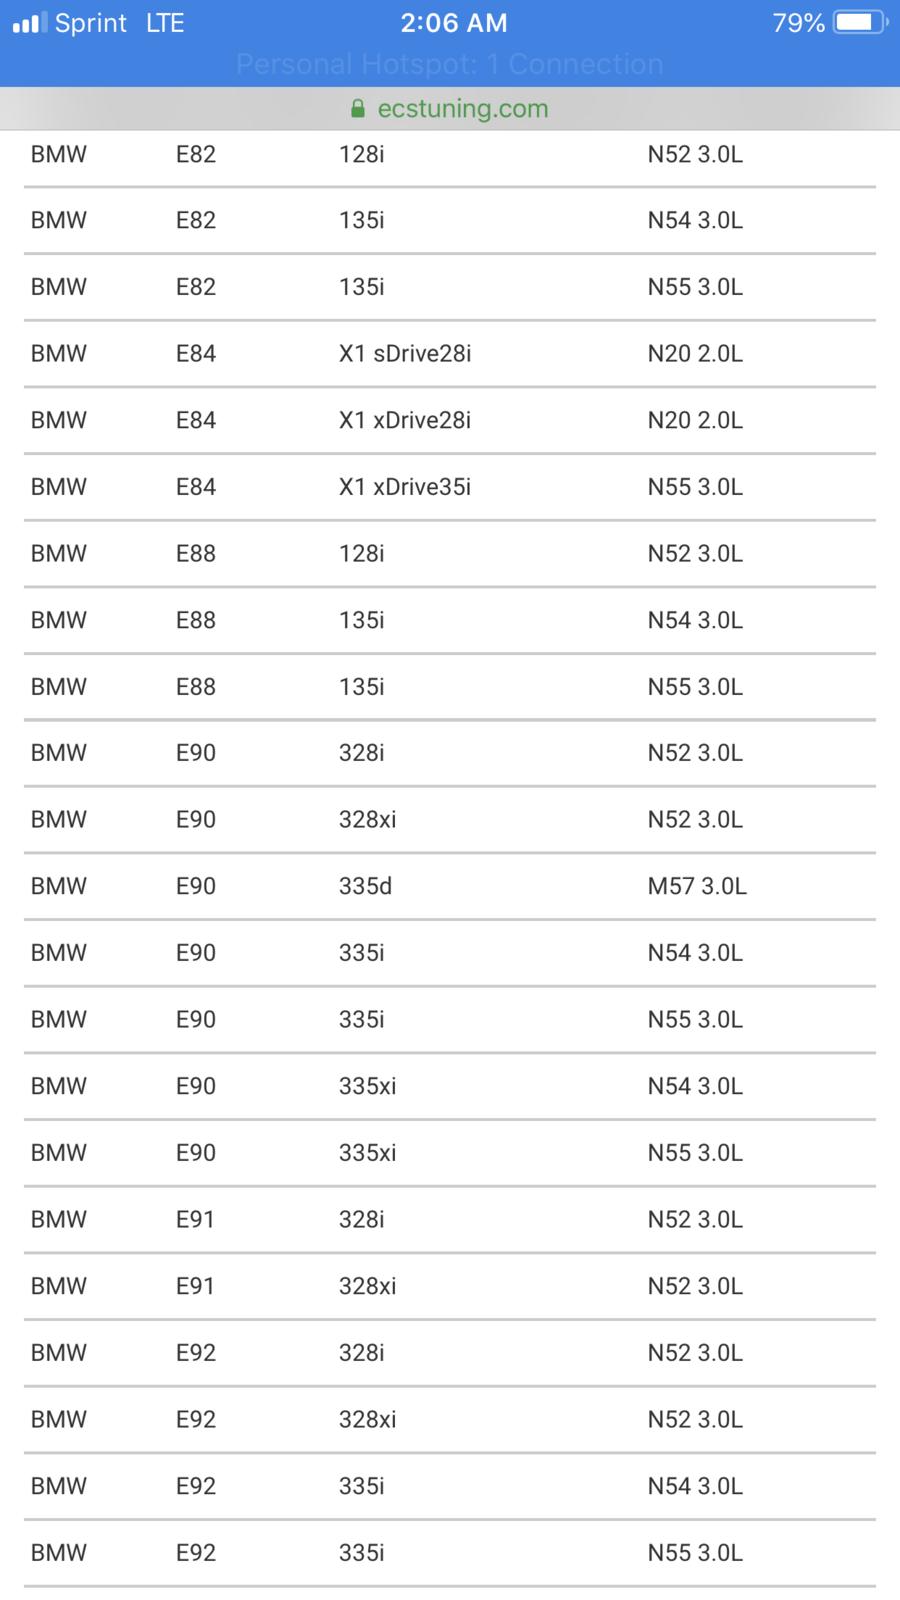 0C3C0BA7-E90A-453F-9CA2-6934DCB3A1B7.png